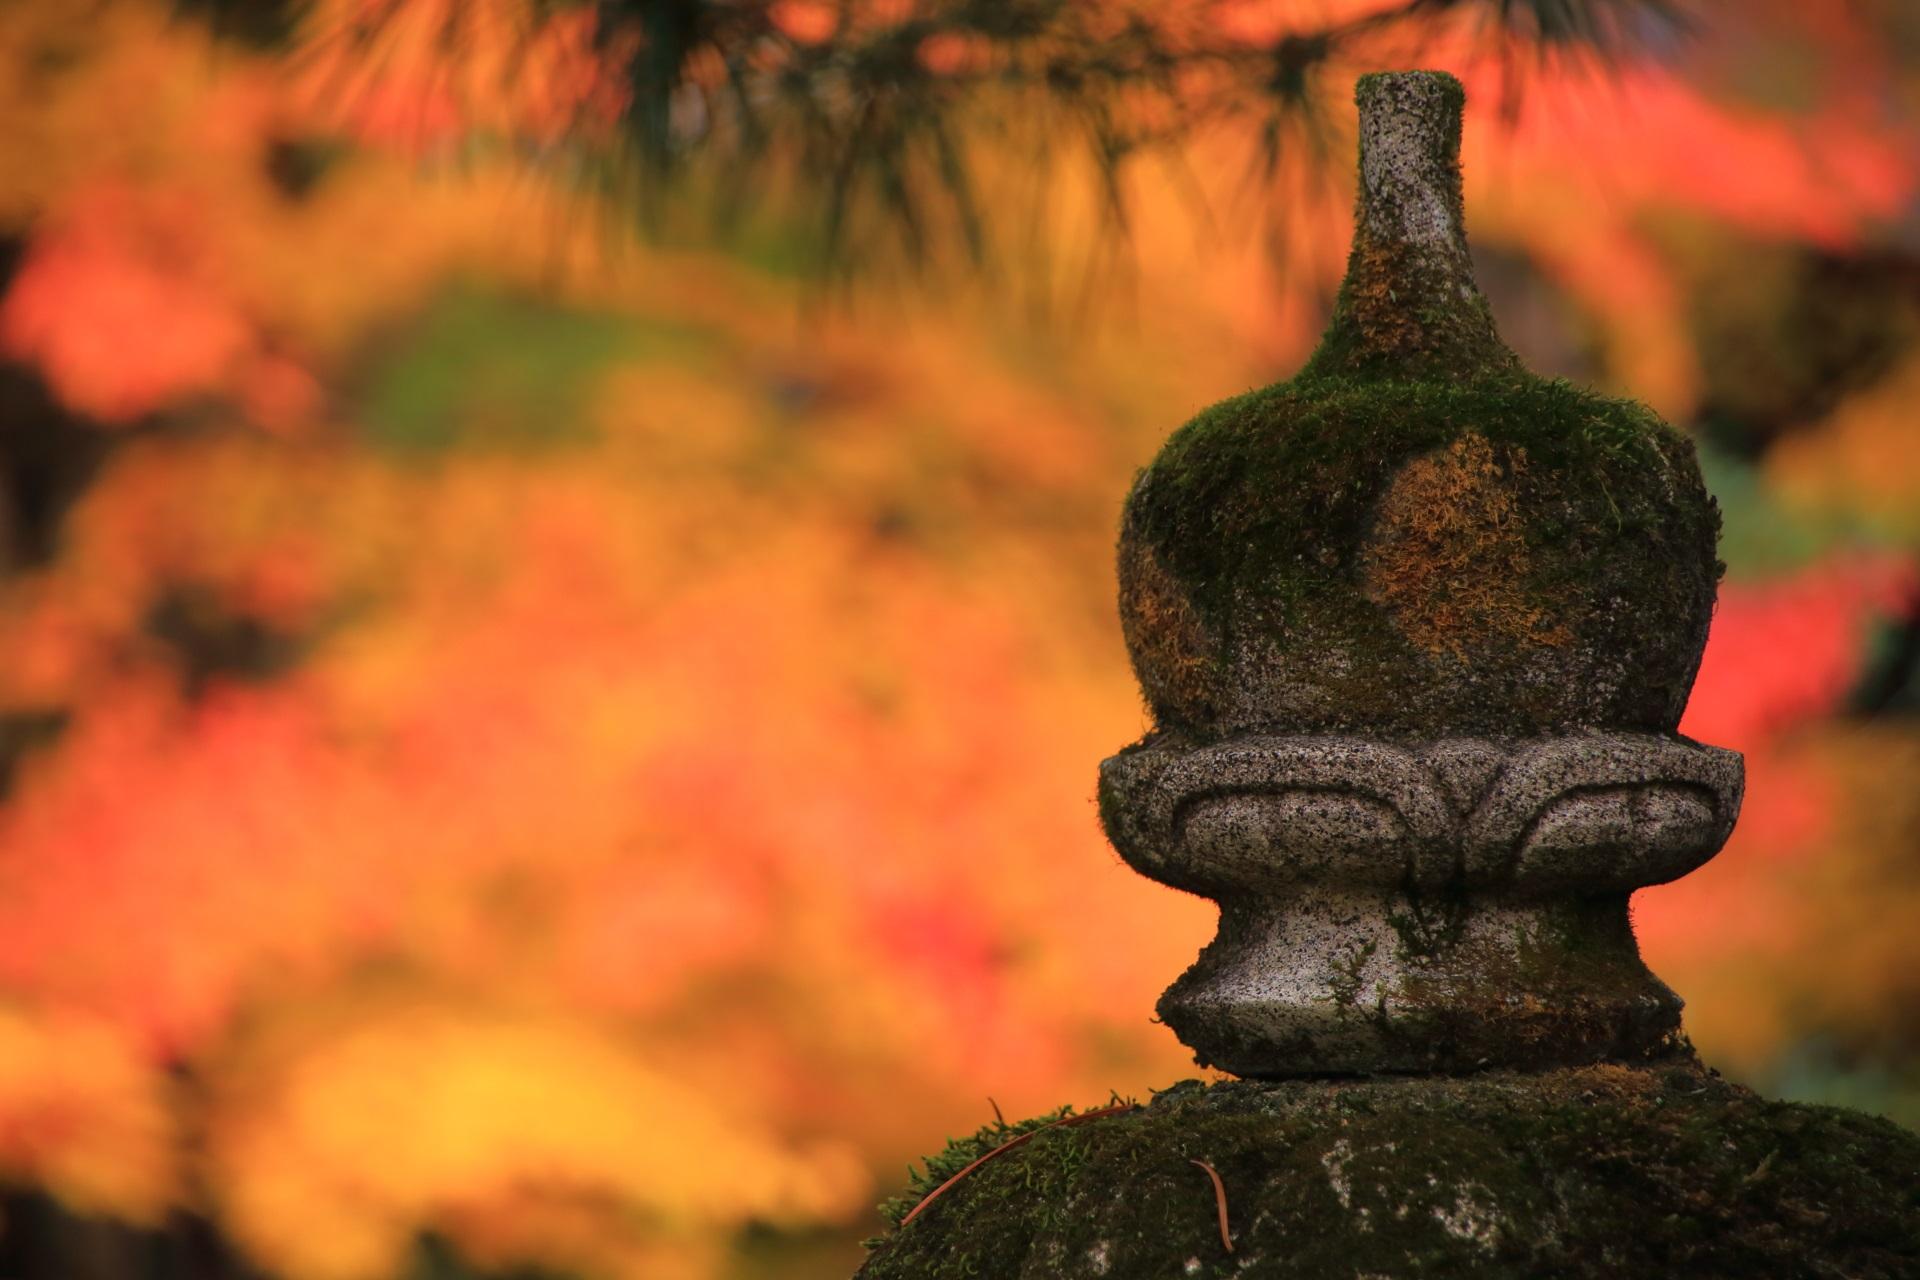 燈籠の向こうで広がる淡く美しい秋色